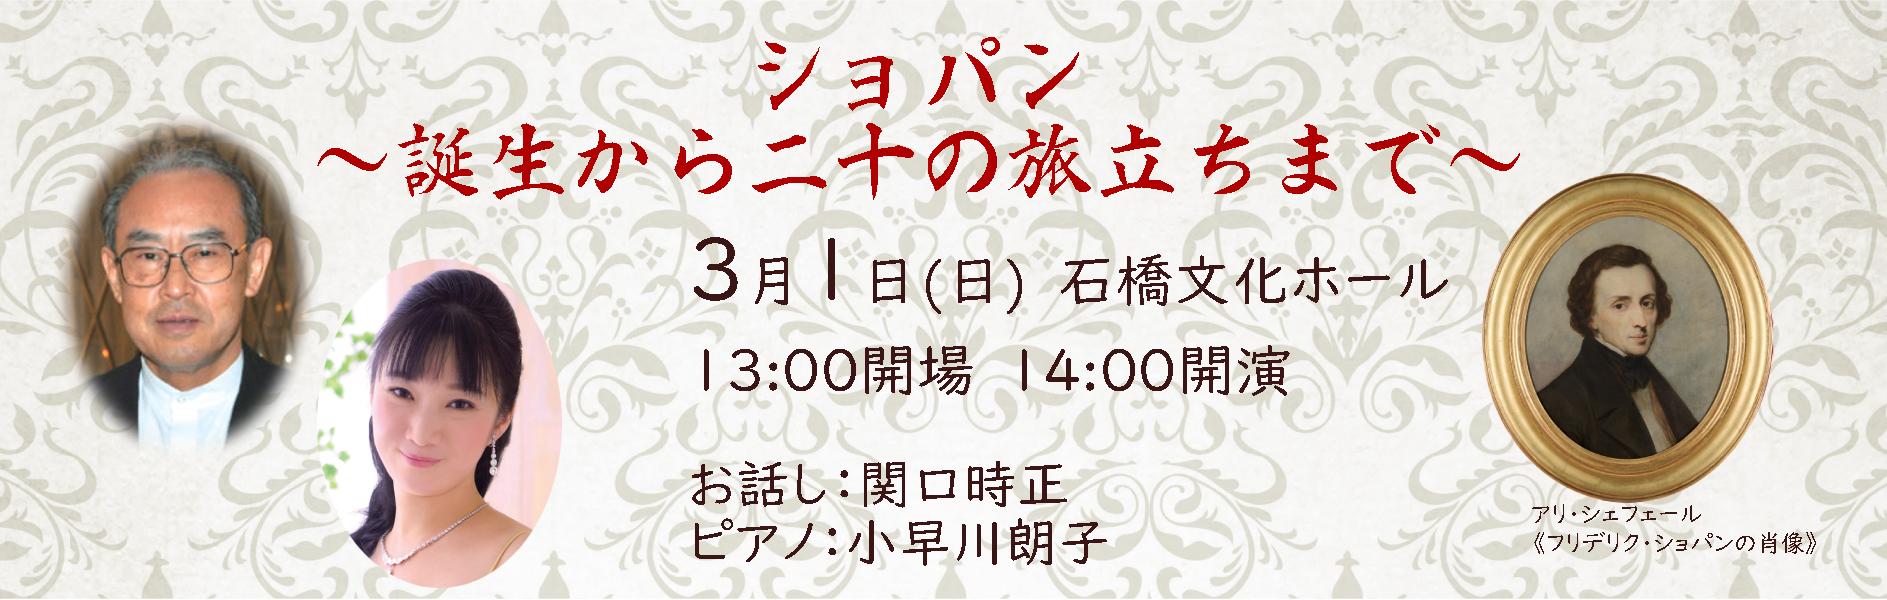 ショパン展 関連イベント